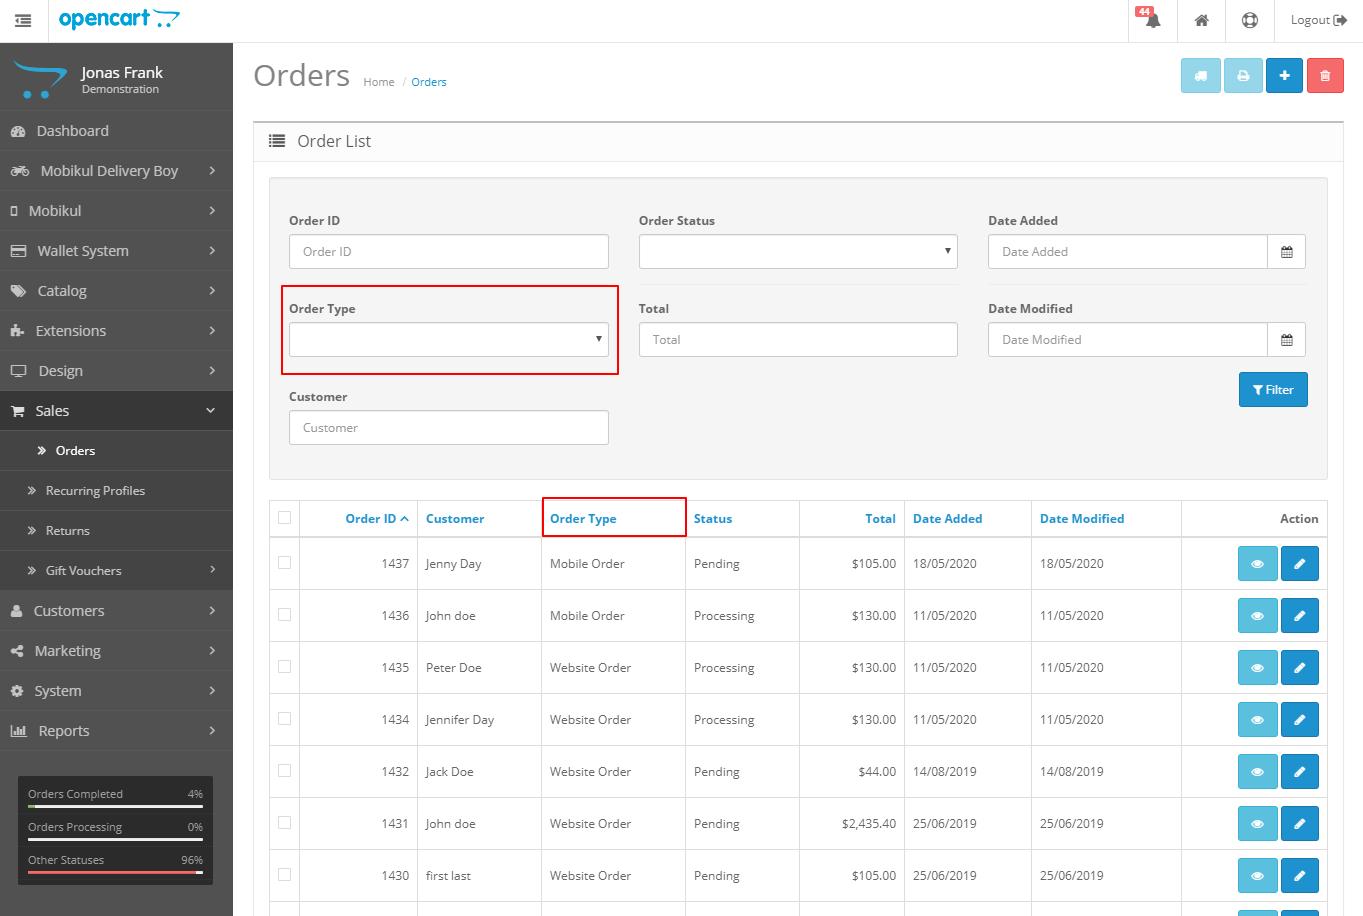 webkul-opencart-mobile-app-builder-order-type